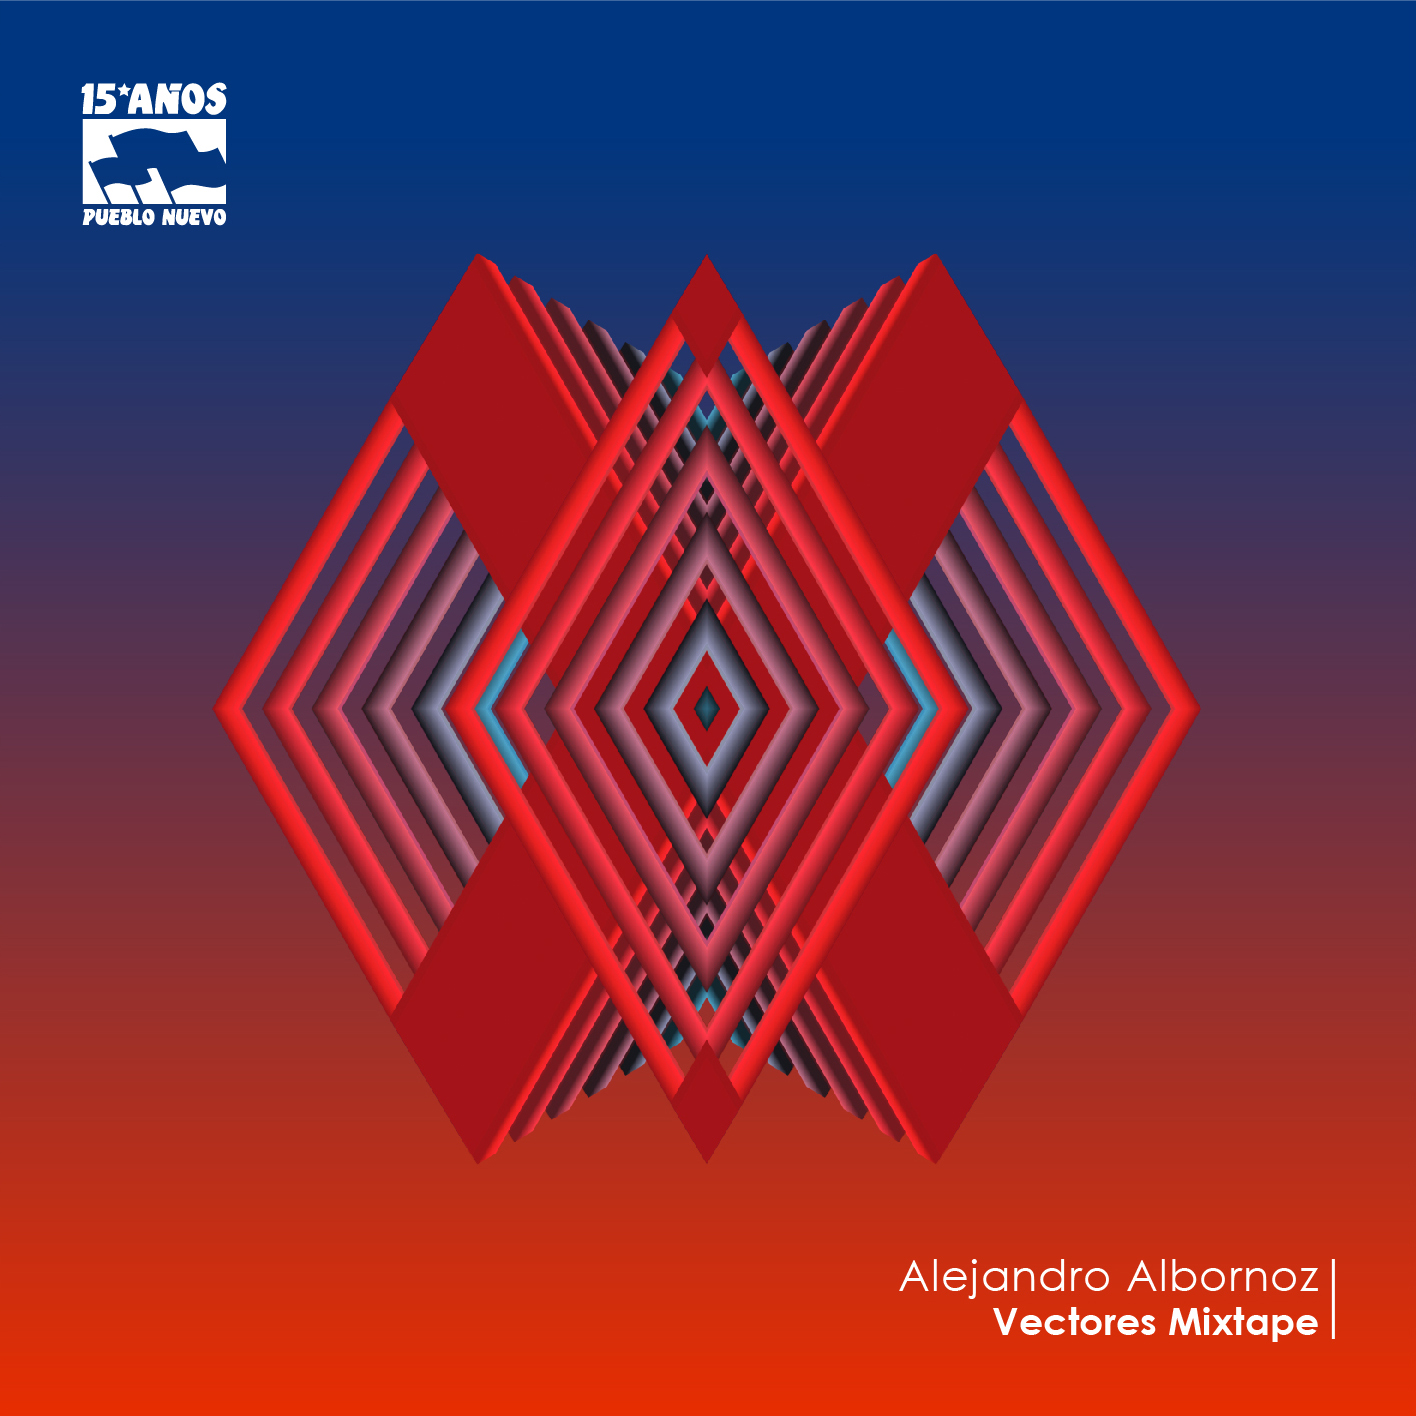 Alejandro Albornoz – Vectores Mixtape